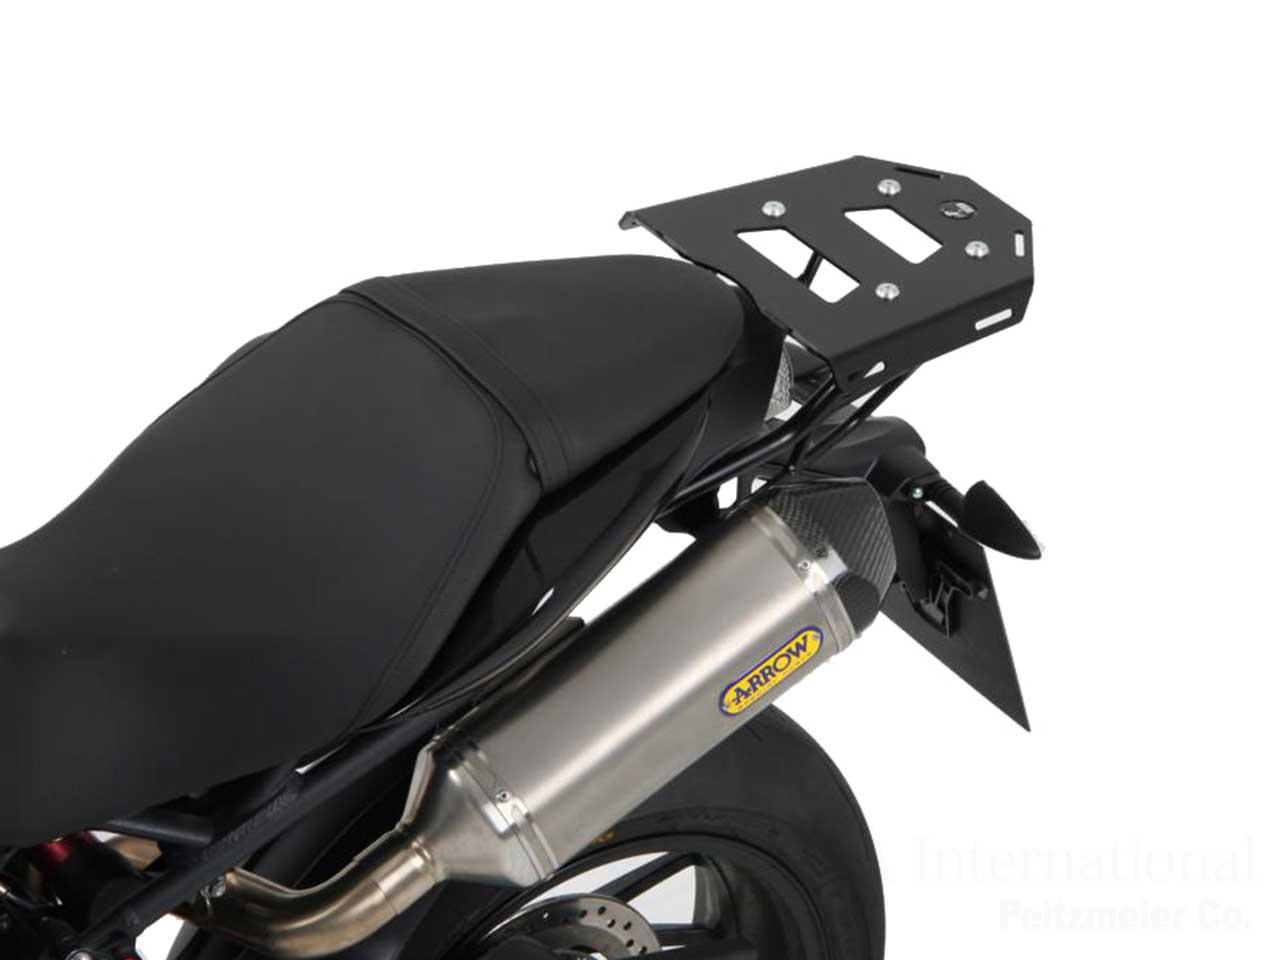 ヘプコ&ベッカー リアキャリア Minirack/ミニラック Triumph SpeedTriple ('11-'15))